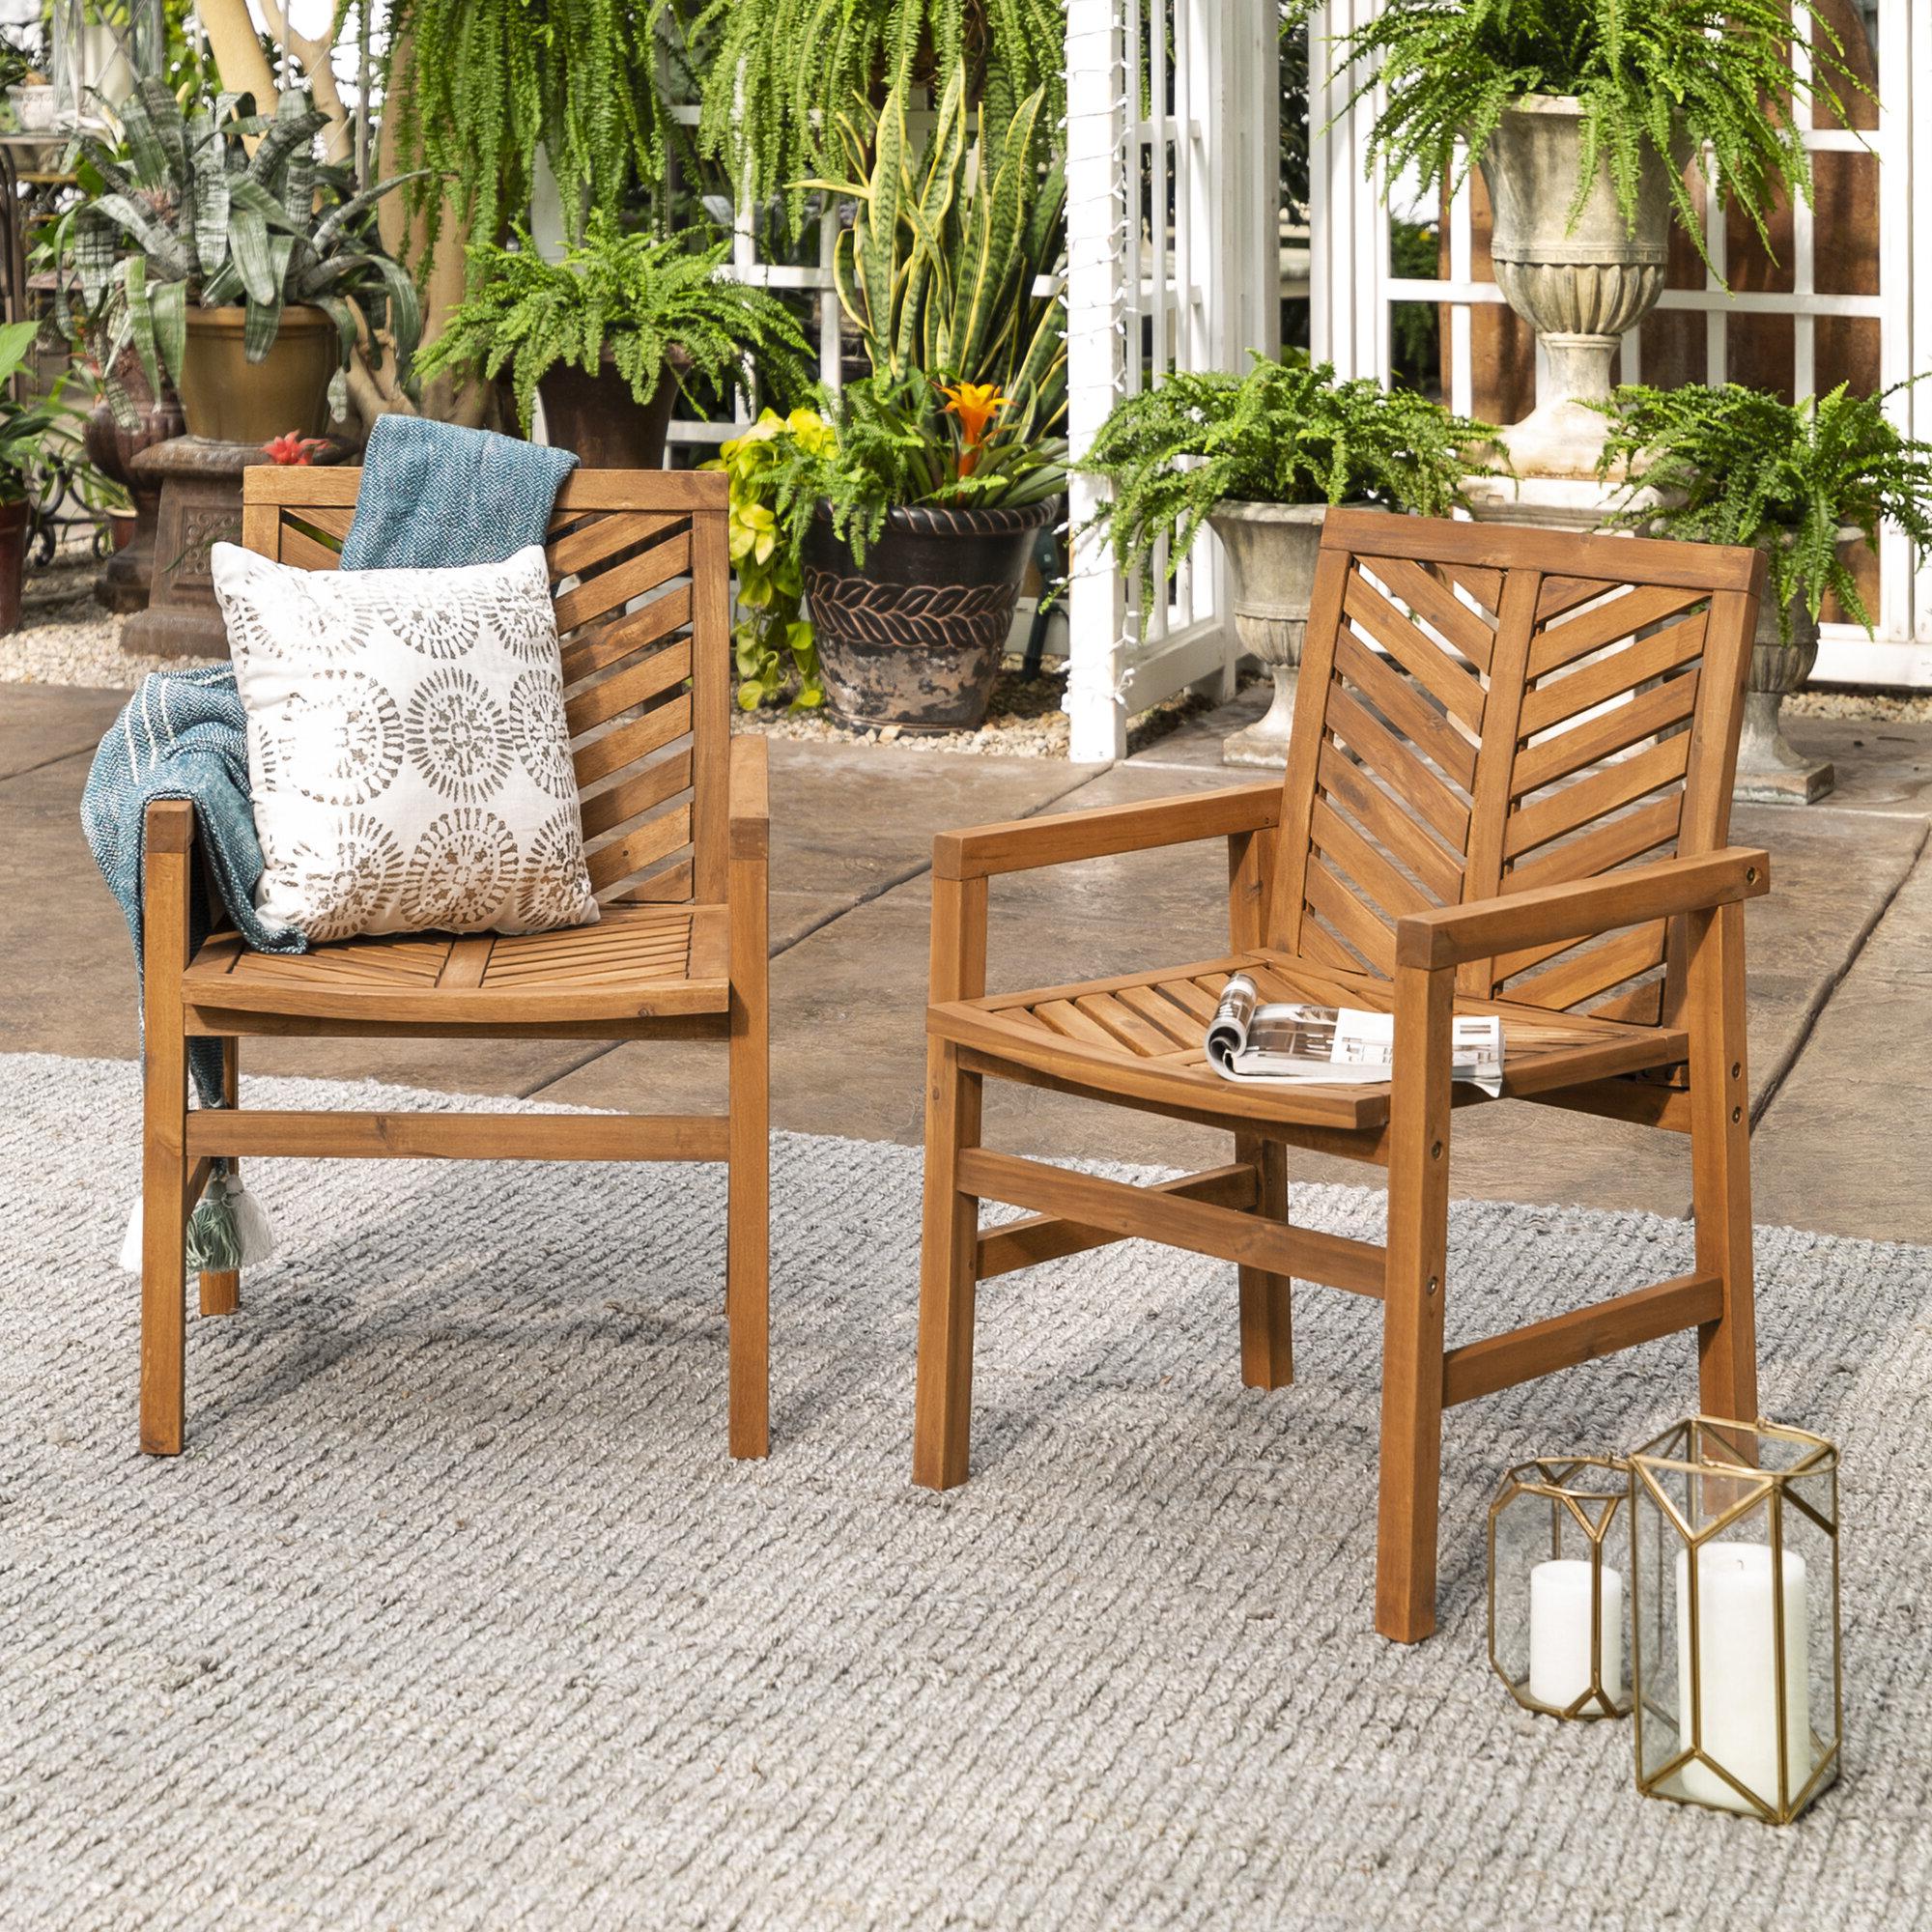 Latest Skoog Chevron Wooden Garden Benches In Skoog Chevron Patio Dining Chair (View 8 of 30)